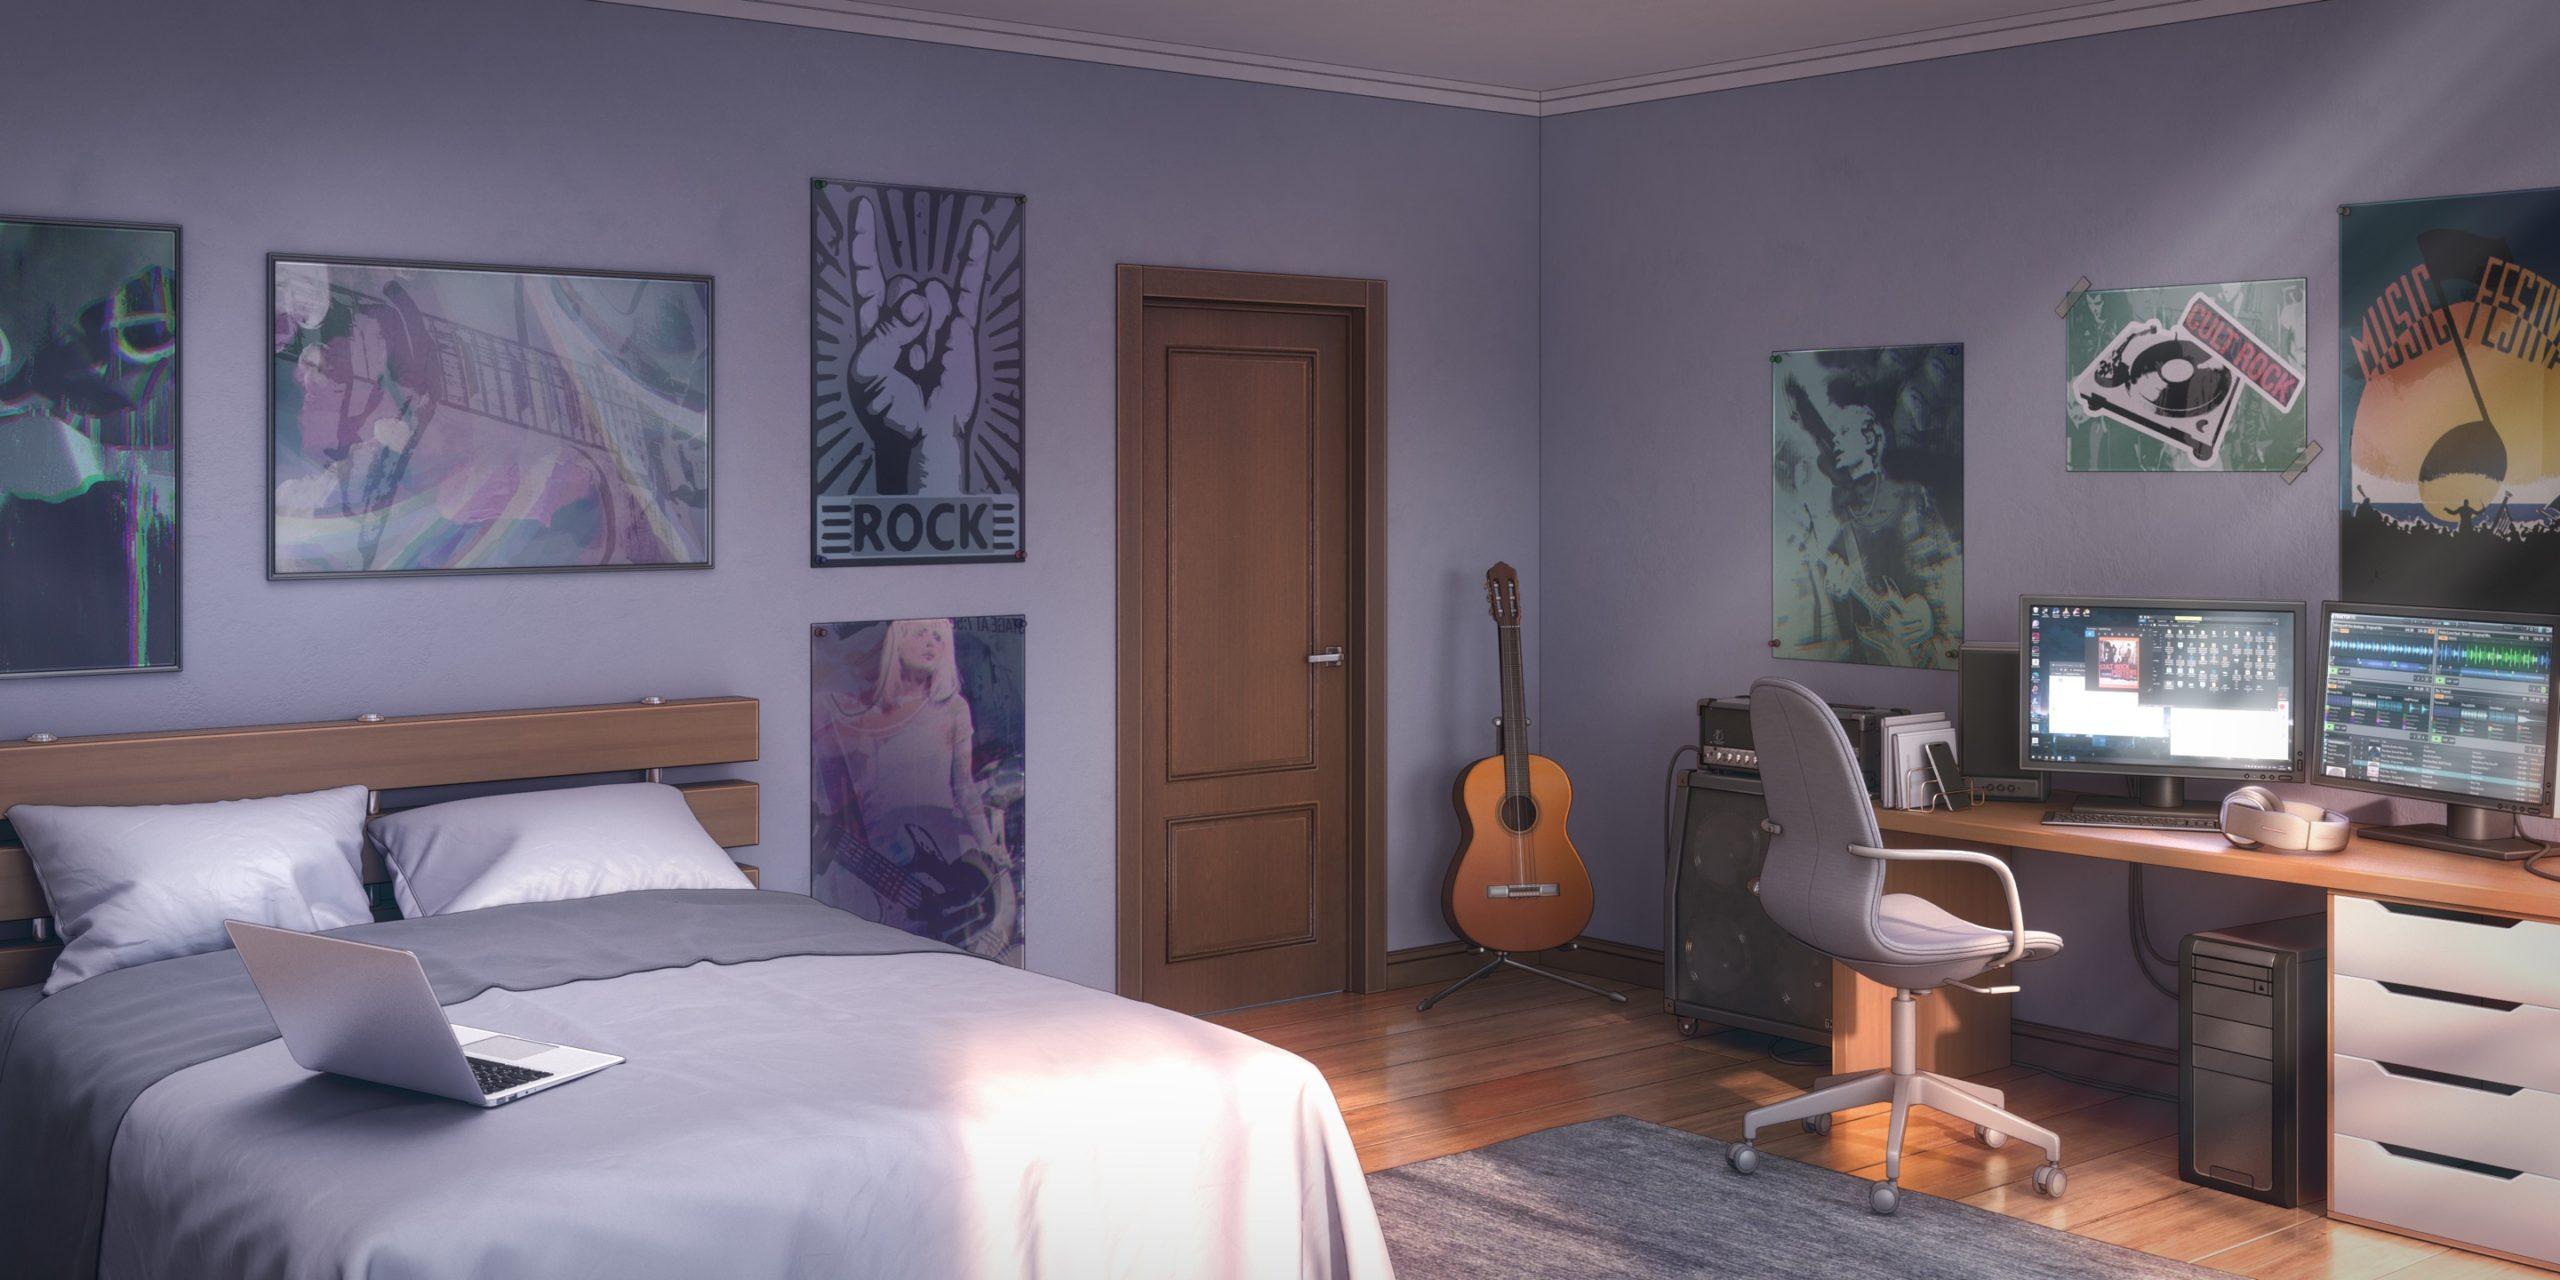 Colin personnage de Is It Love et le décor d'une chambre